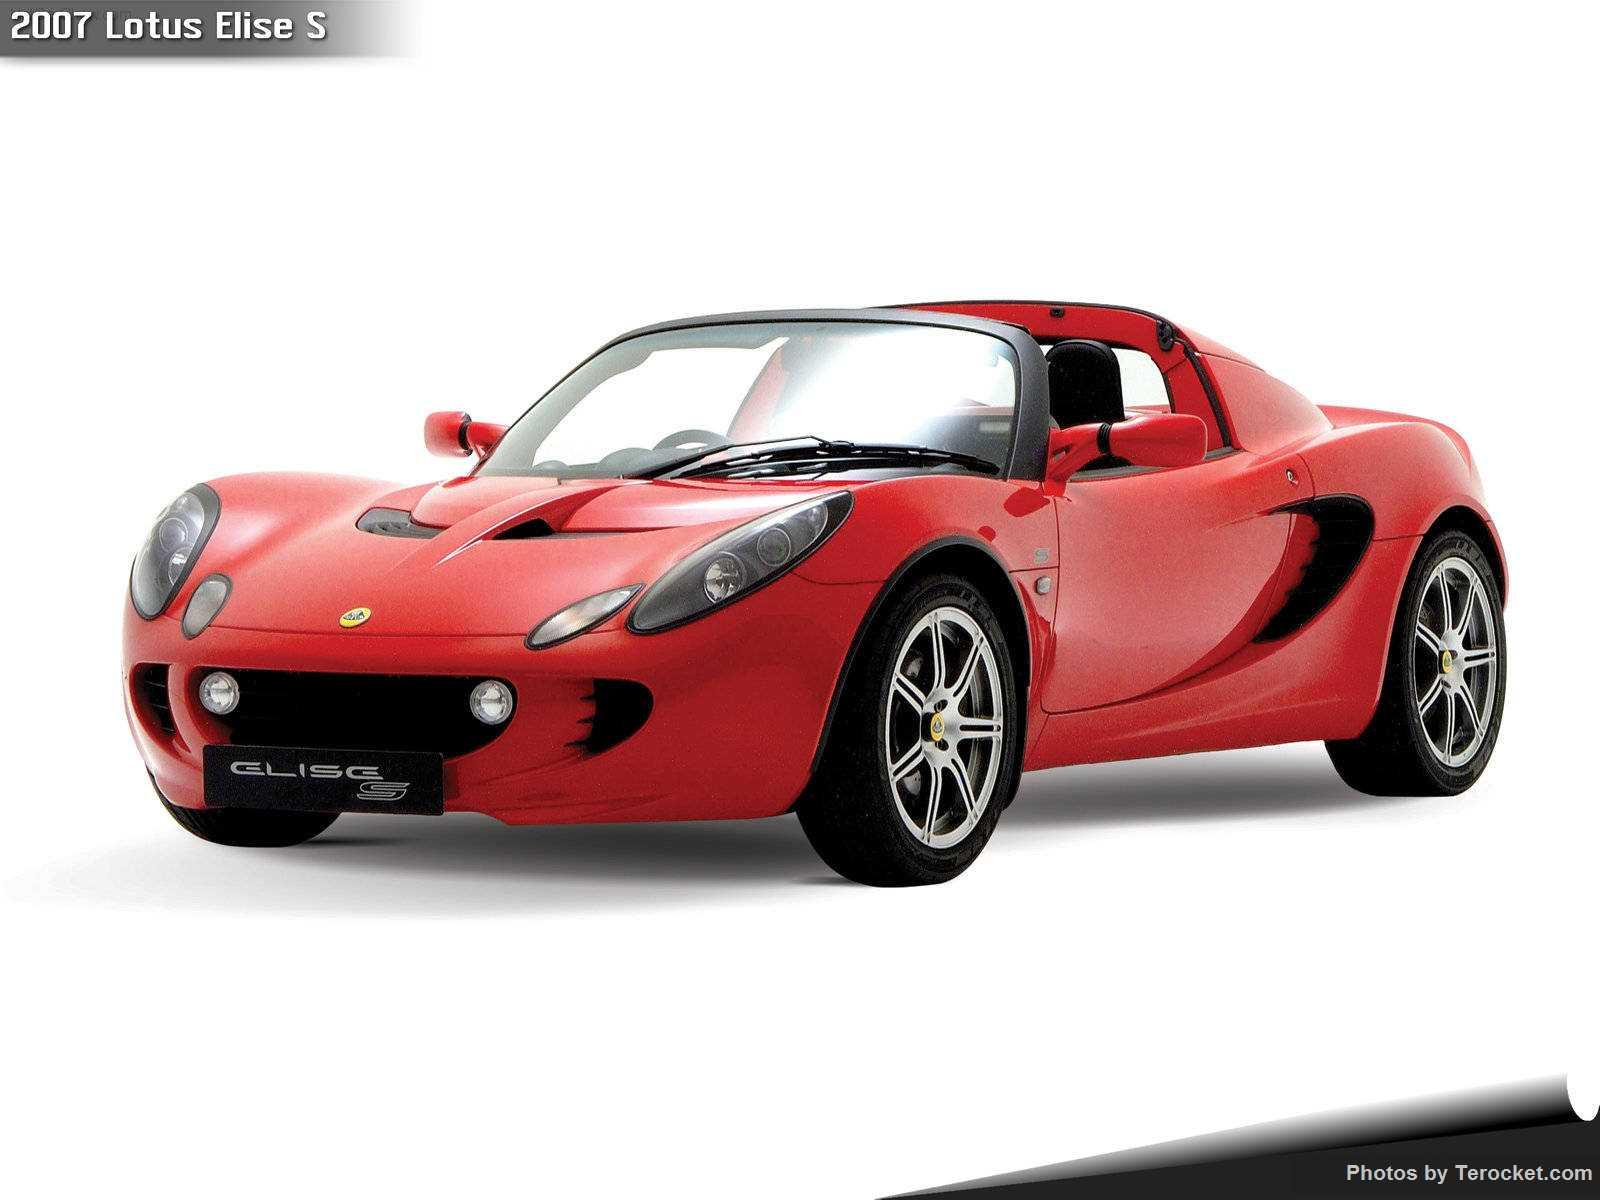 Hình ảnh siêu xe Lotus Elise S 2007 & nội ngoại thất